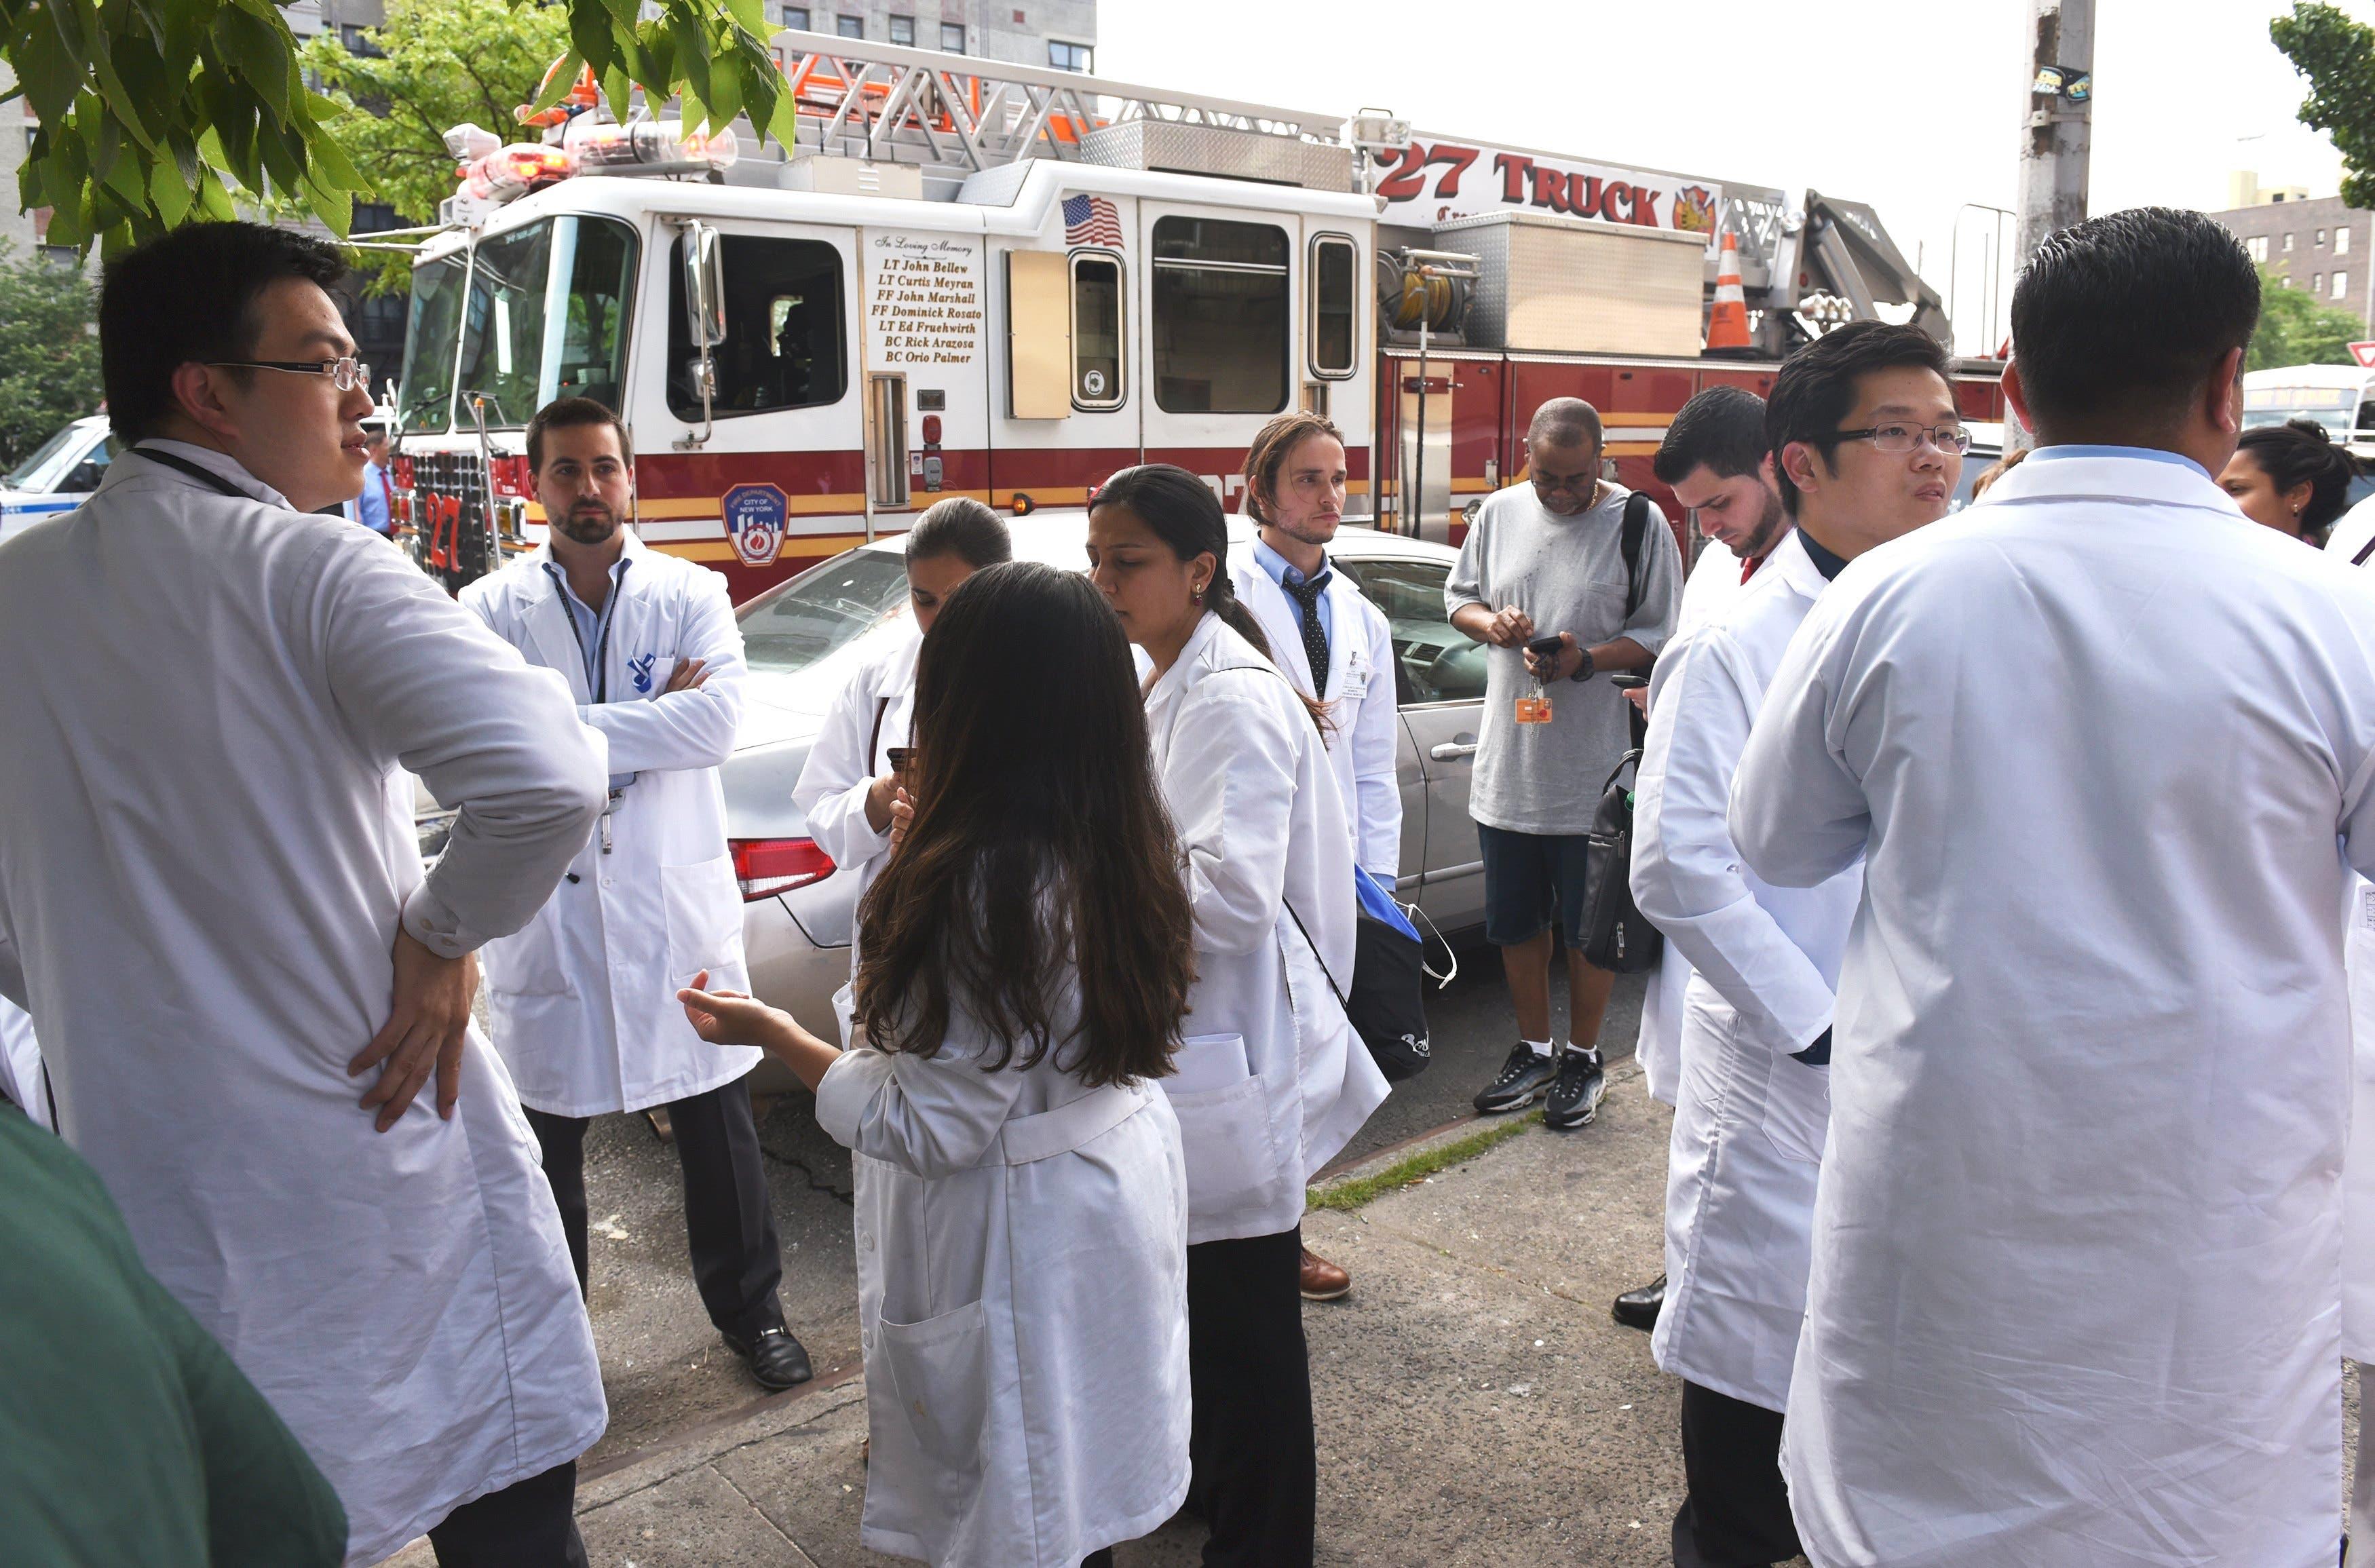 Médico ataca a tiros a varios colegas en hospital de Nueva York y luego se suicida